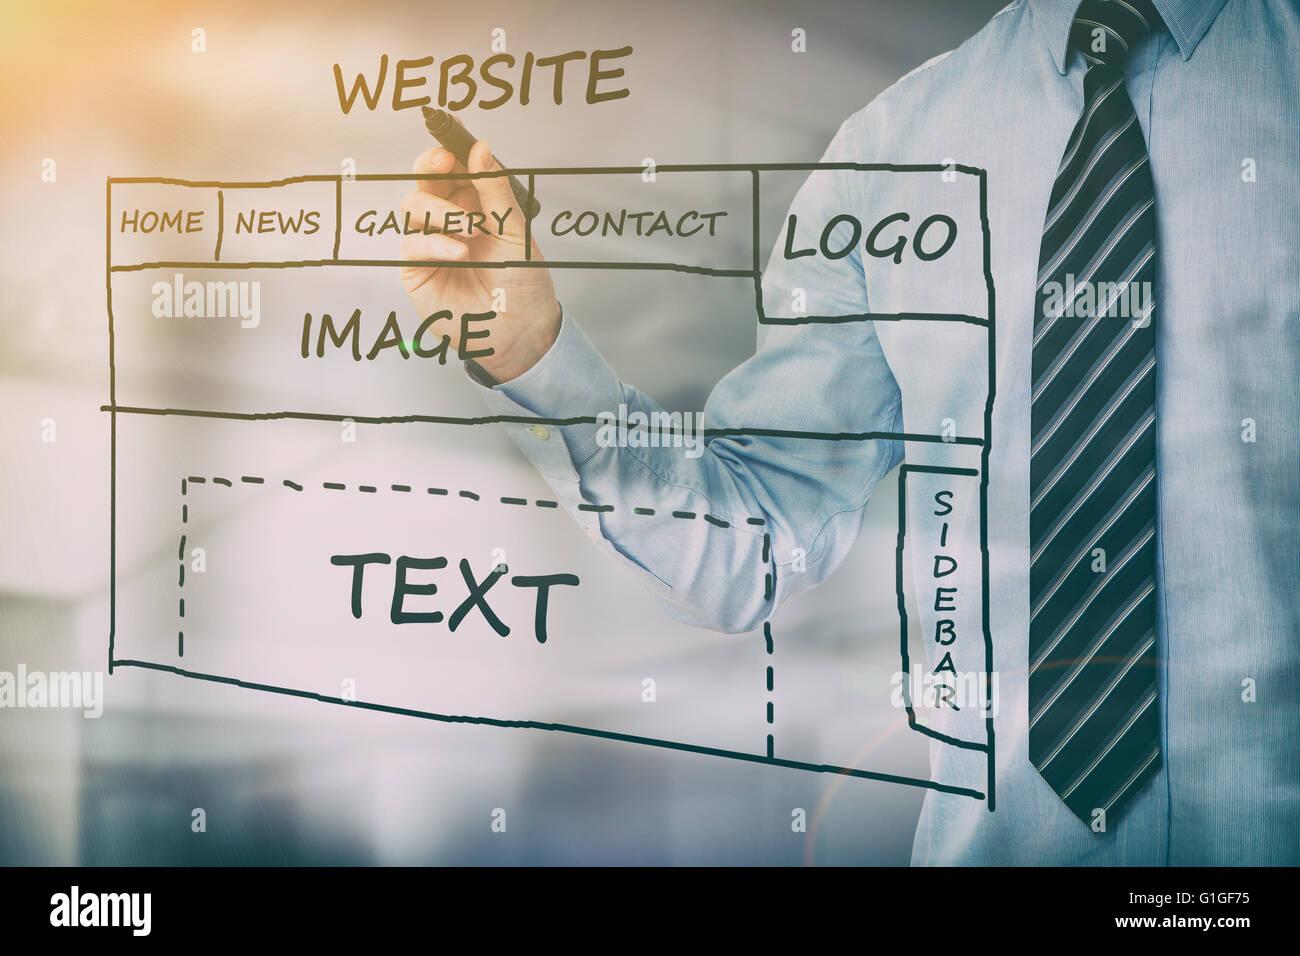 Desarrollo web design diseñador seo contenido - stock image Imagen De Stock